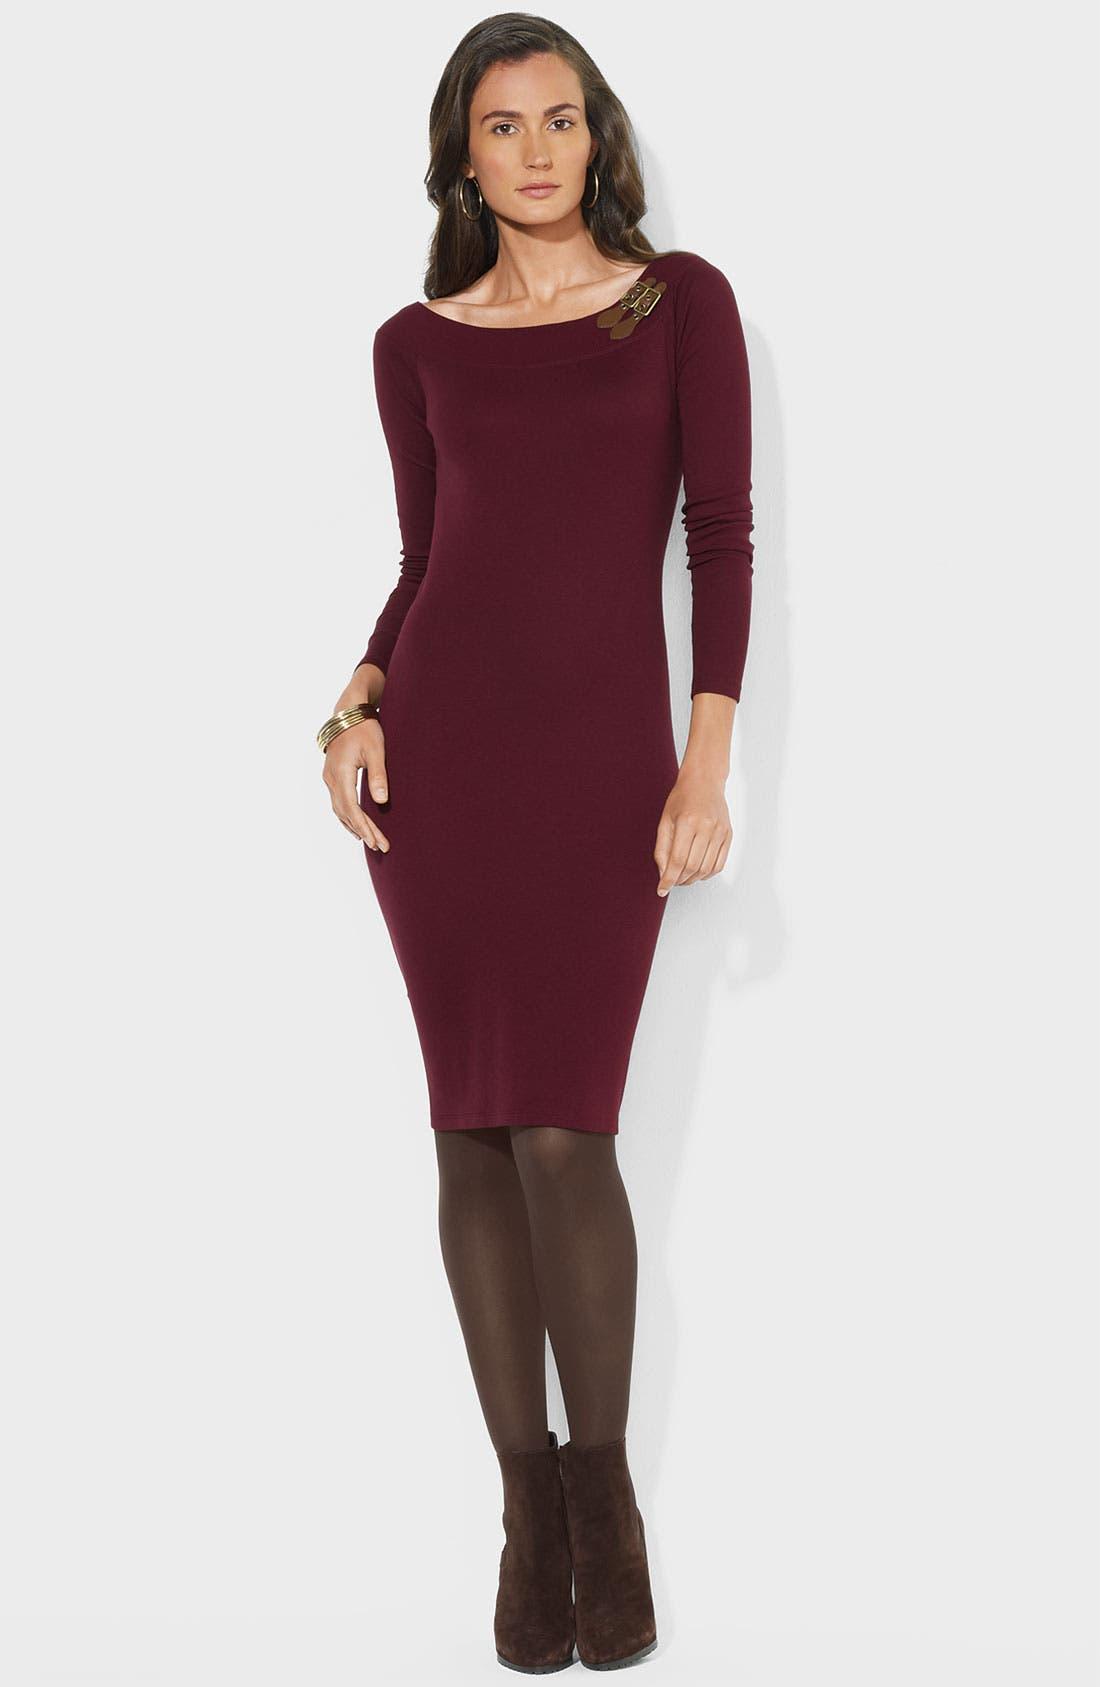 Alternate Image 1 Selected - Lauren Ralph Lauren Buckle Trim Boatneck Dress